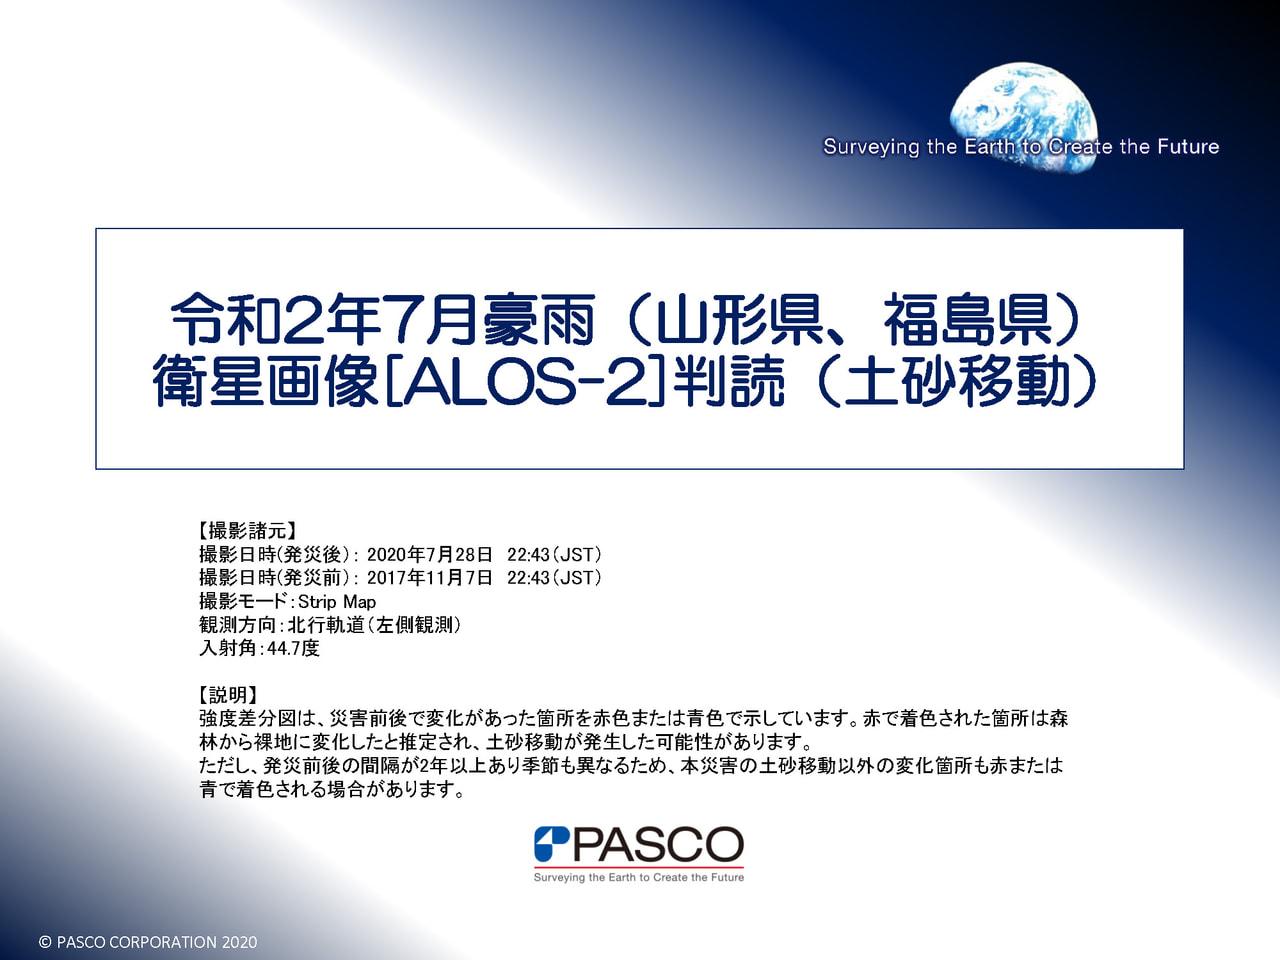 2020年07月28日ALOS-2衛星【土砂移動判読】